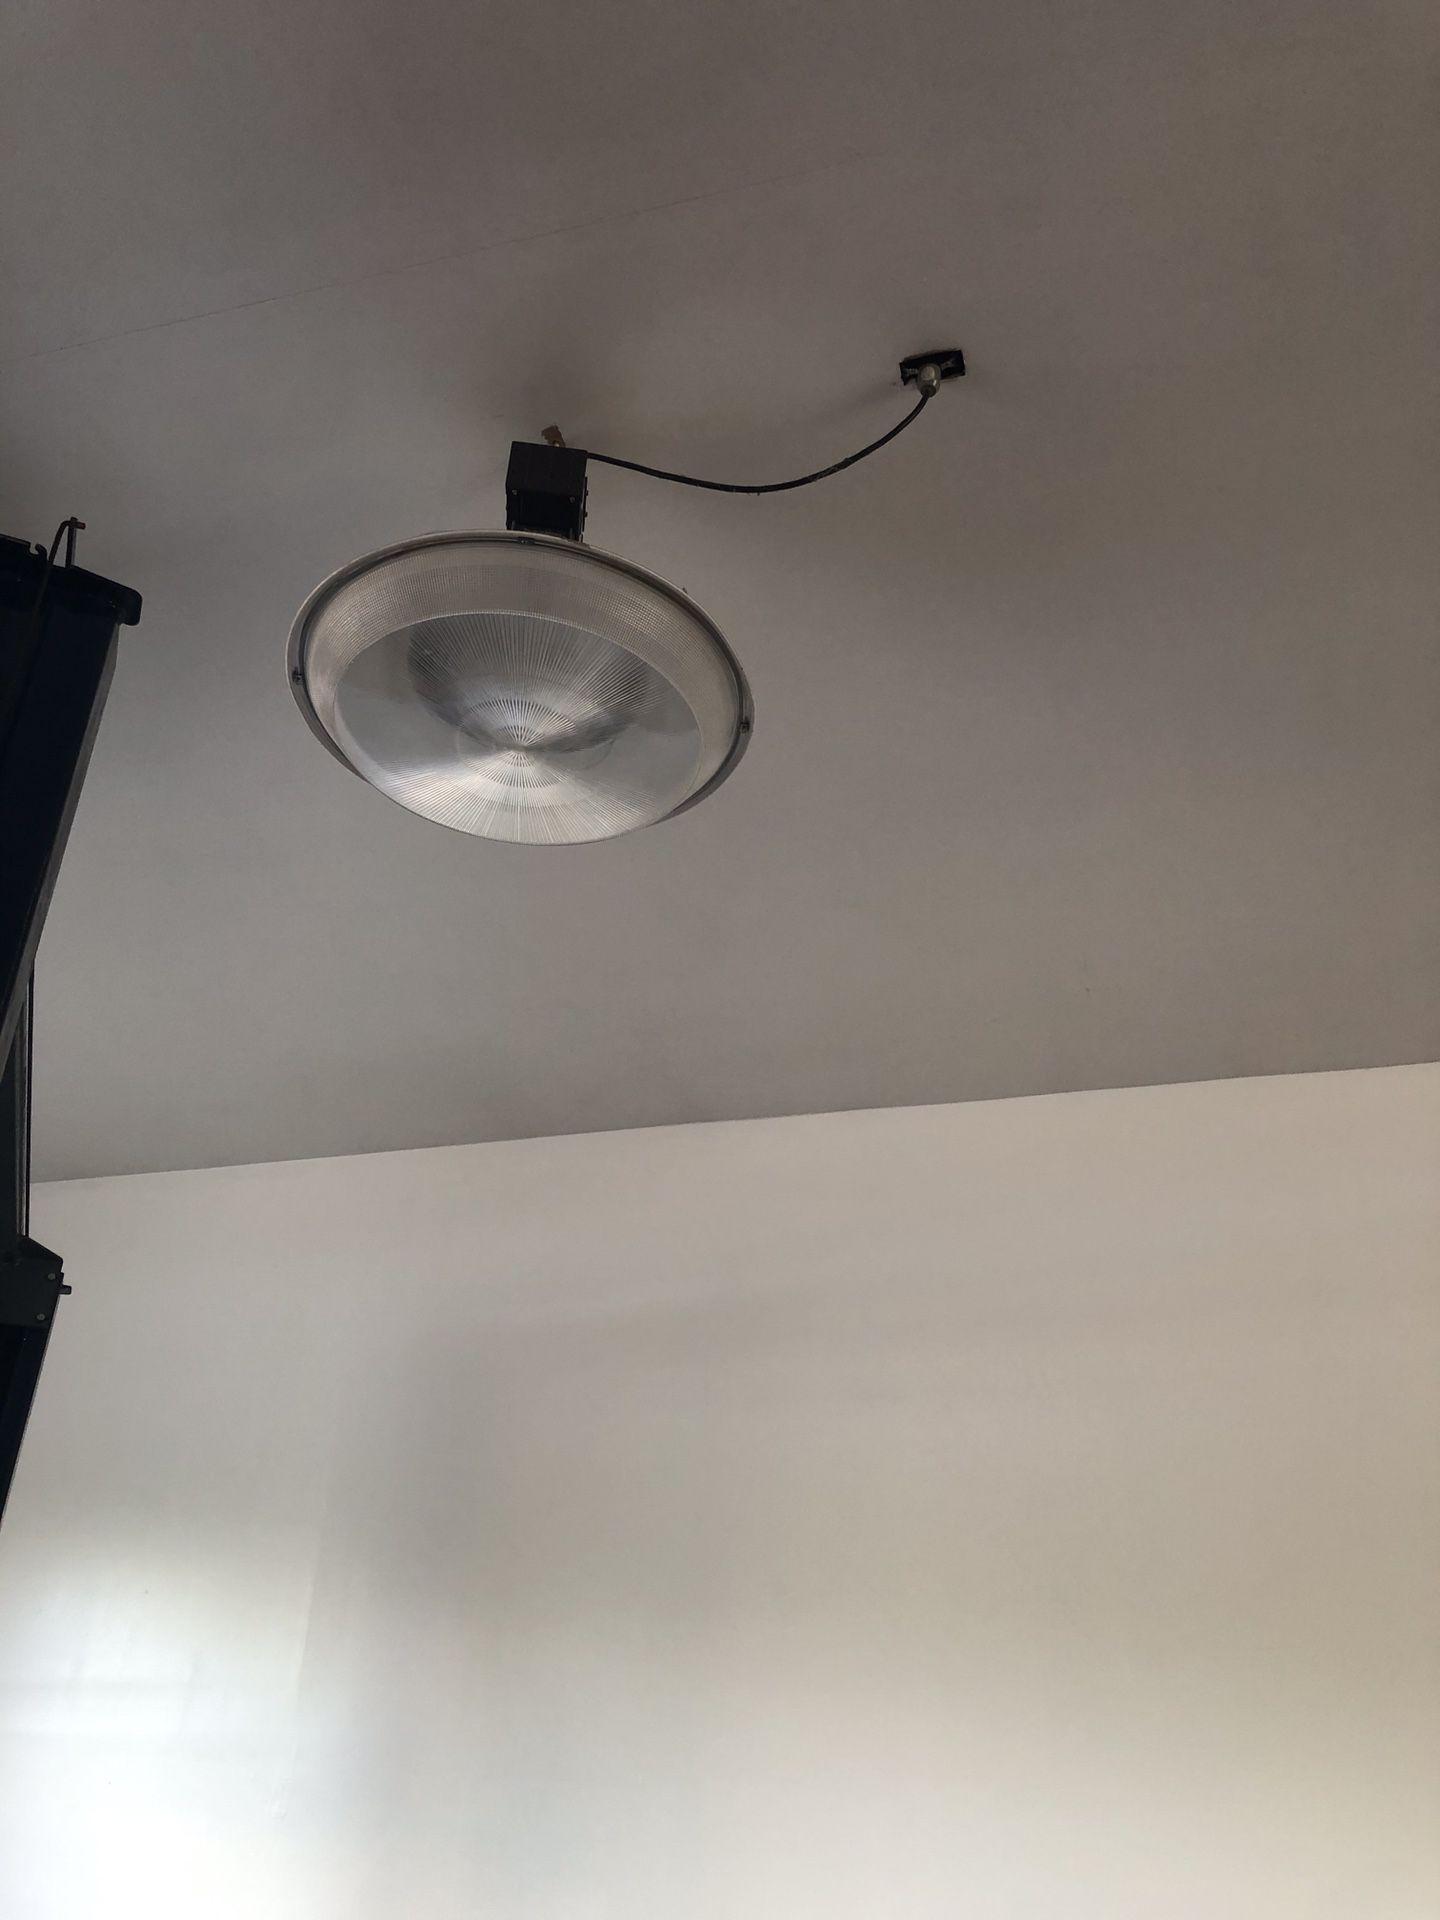 400 watt lights